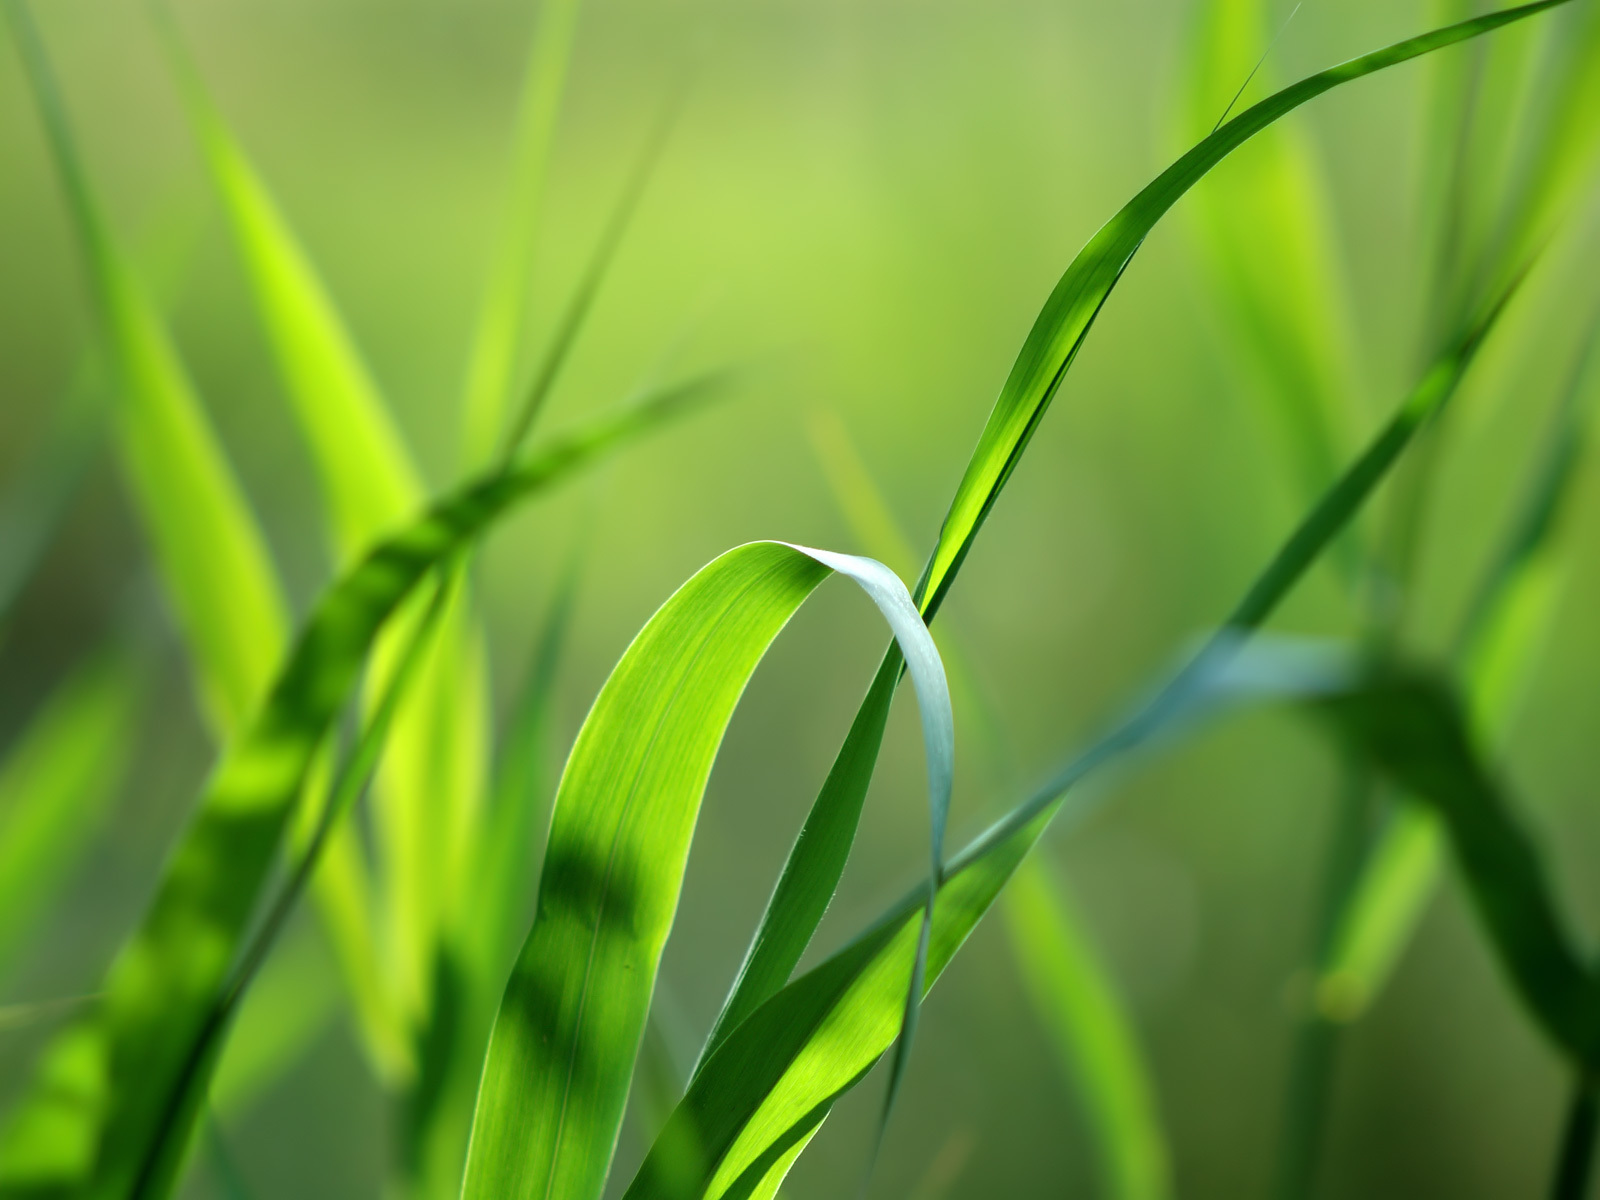 26317 скачать обои Растения, Трава, Фон - заставки и картинки бесплатно